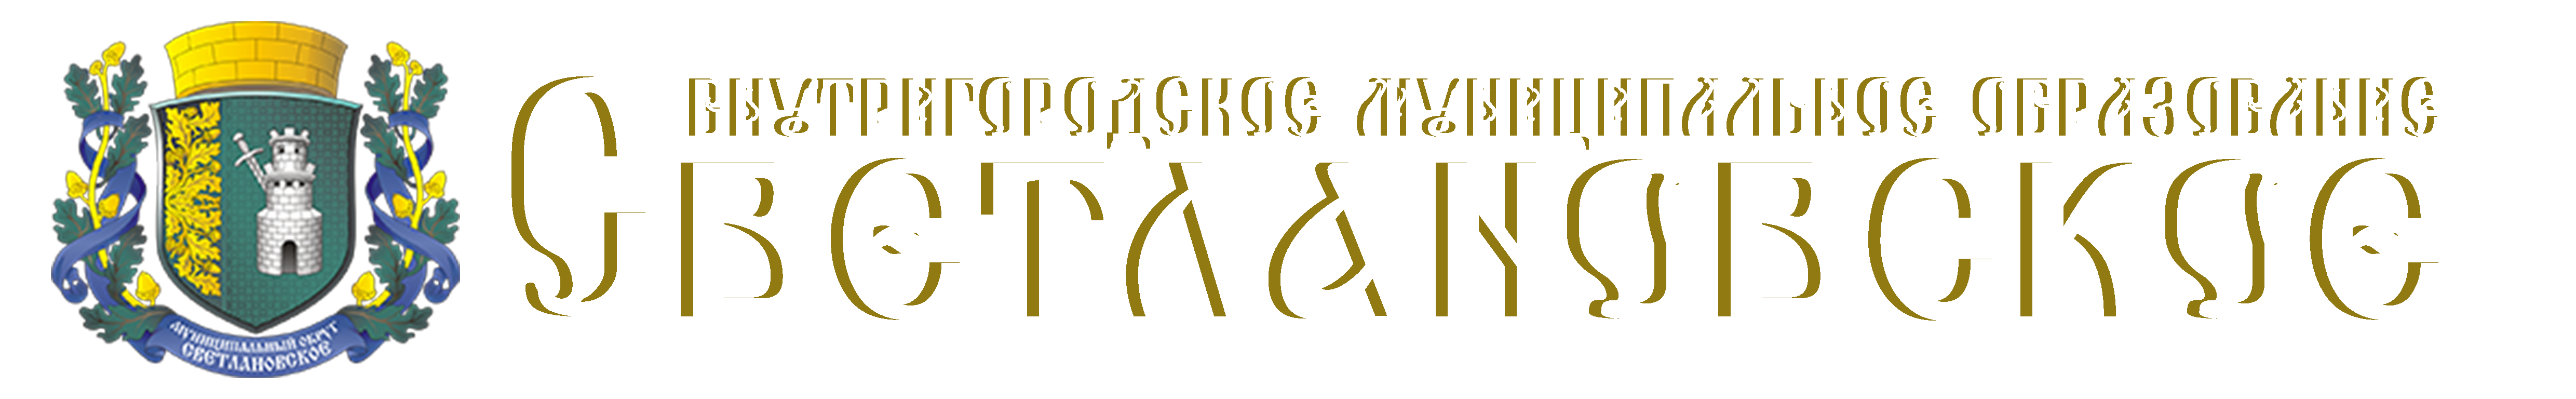 Внутригородское муниципальное образование Светлановское